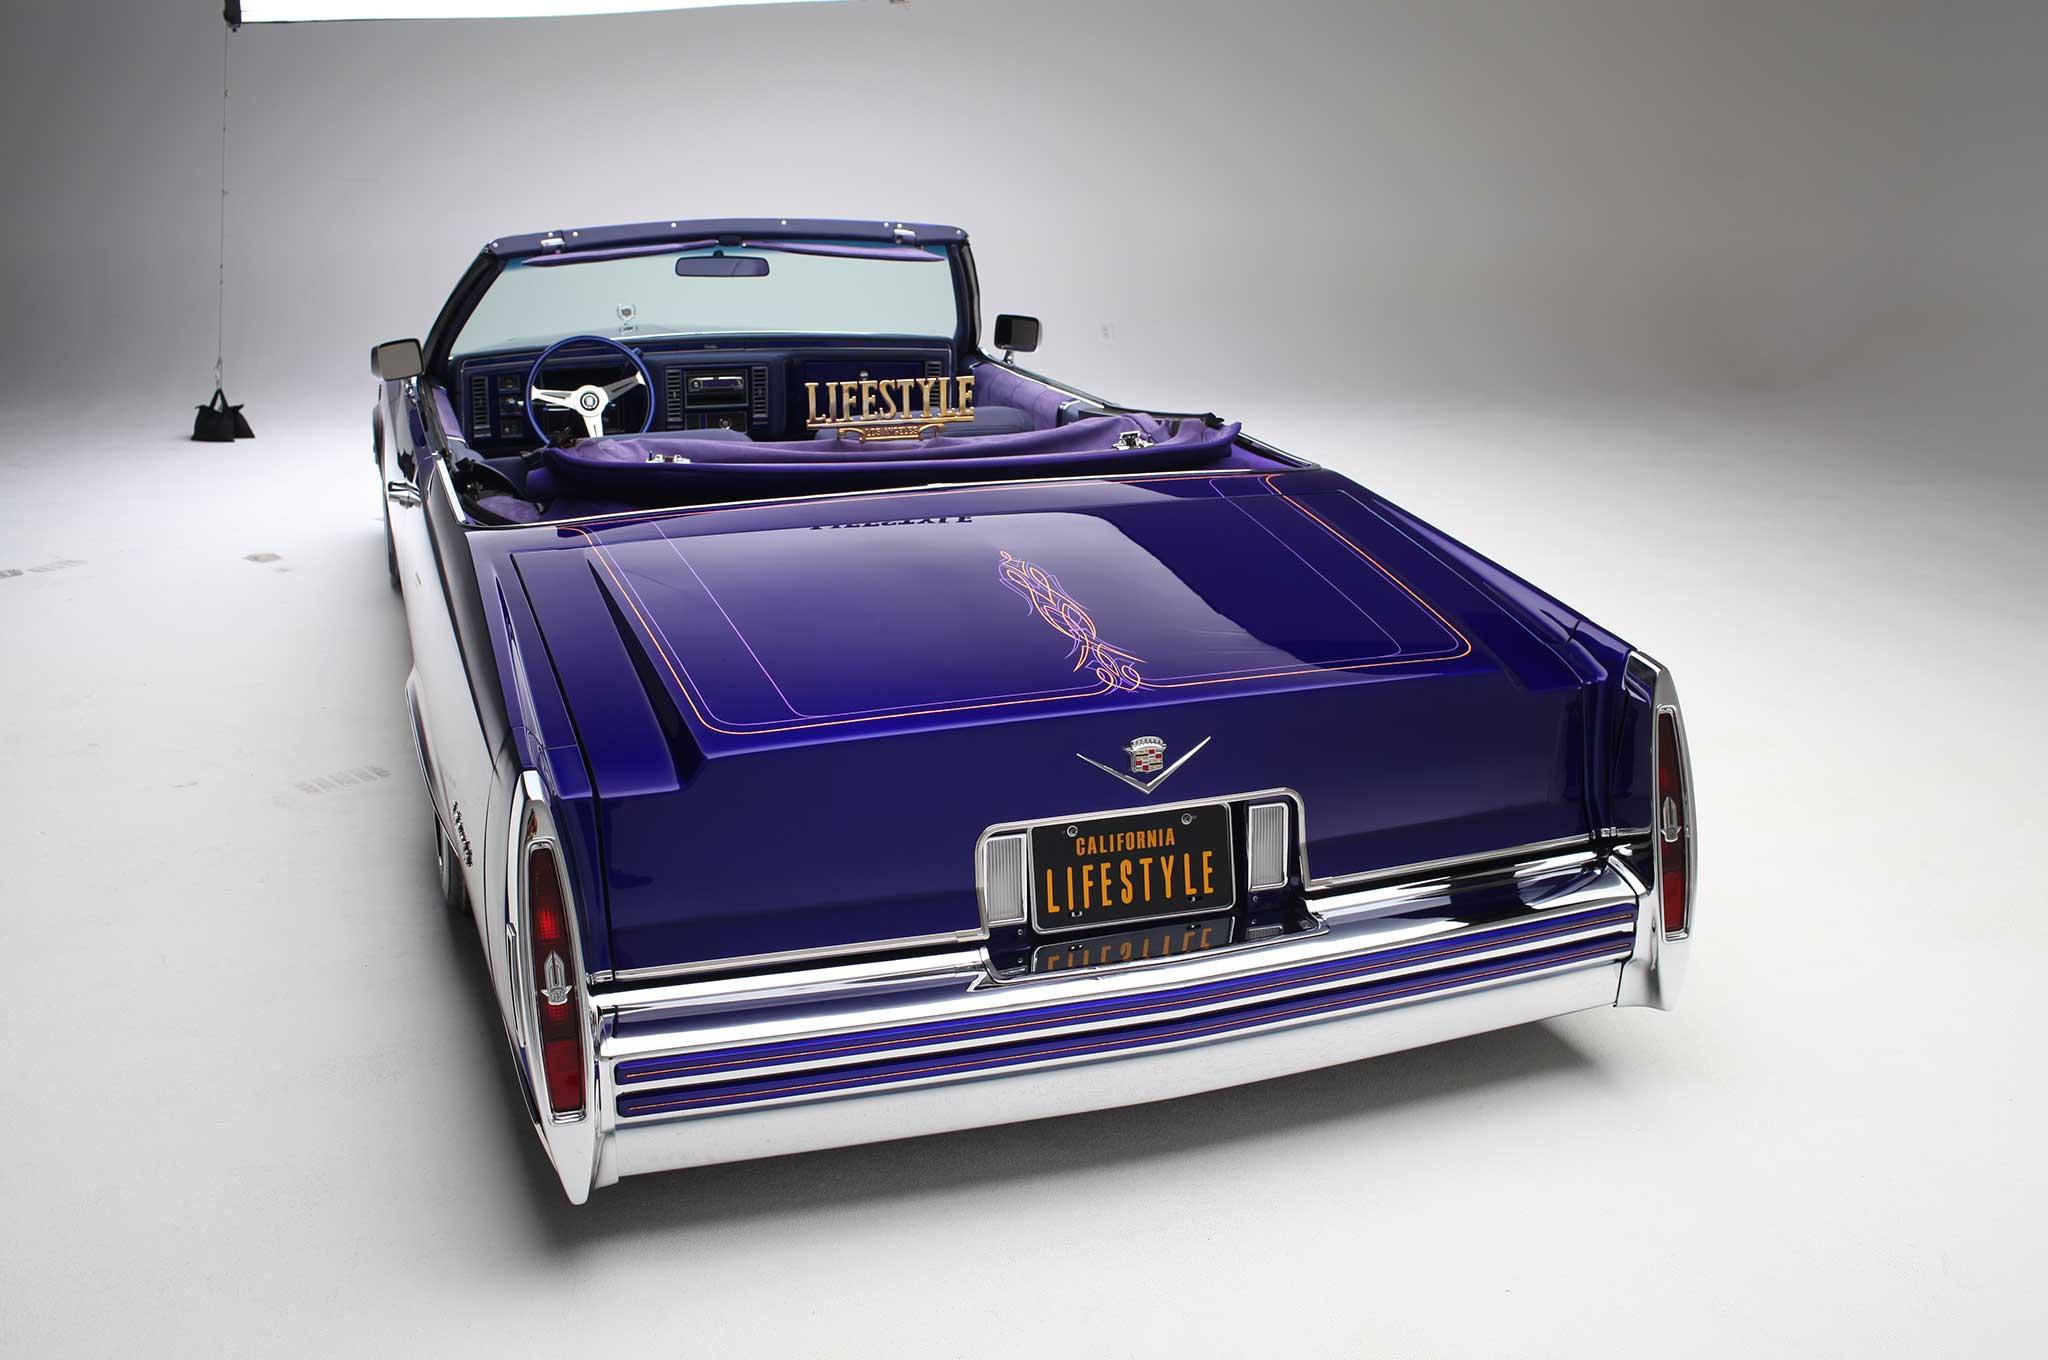 1979 Cadillac Le Cabriolet - Purple Rein - Lowrider